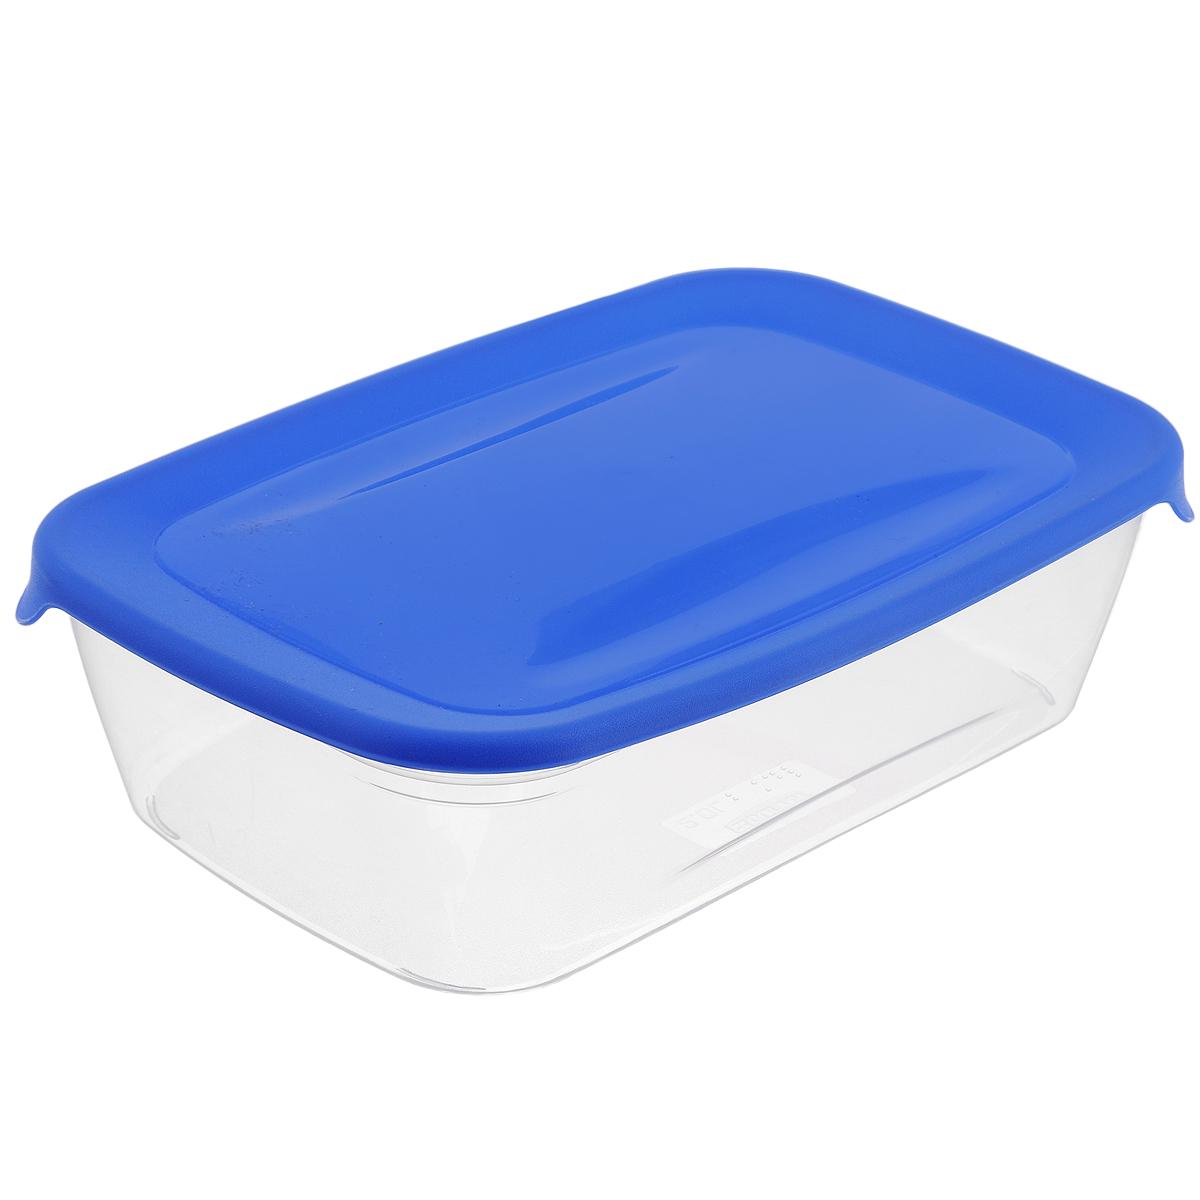 Емкость для заморозки и СВЧ Curver Fresh & Go, цвет: синий, 1 лVT-1520(SR)Прямоугольная емкость для заморозки и СВЧ Curver Fresh & Go изготовлена из высококачественного пищевого пластика (BPA free), который выдерживает температуру от -40°С до +100°С. Стенки емкости прозрачные, а крышка цветная. Она плотно закрывается, дольше сохраняя продукты свежими и вкусными. Емкость удобно брать с собой на работу, учебу, пикник или просто использовать для хранения пищи в холодильнике. Можно использовать в микроволновой печи и для заморозки в морозильной камере. Можно мыть в посудомоечной машине.